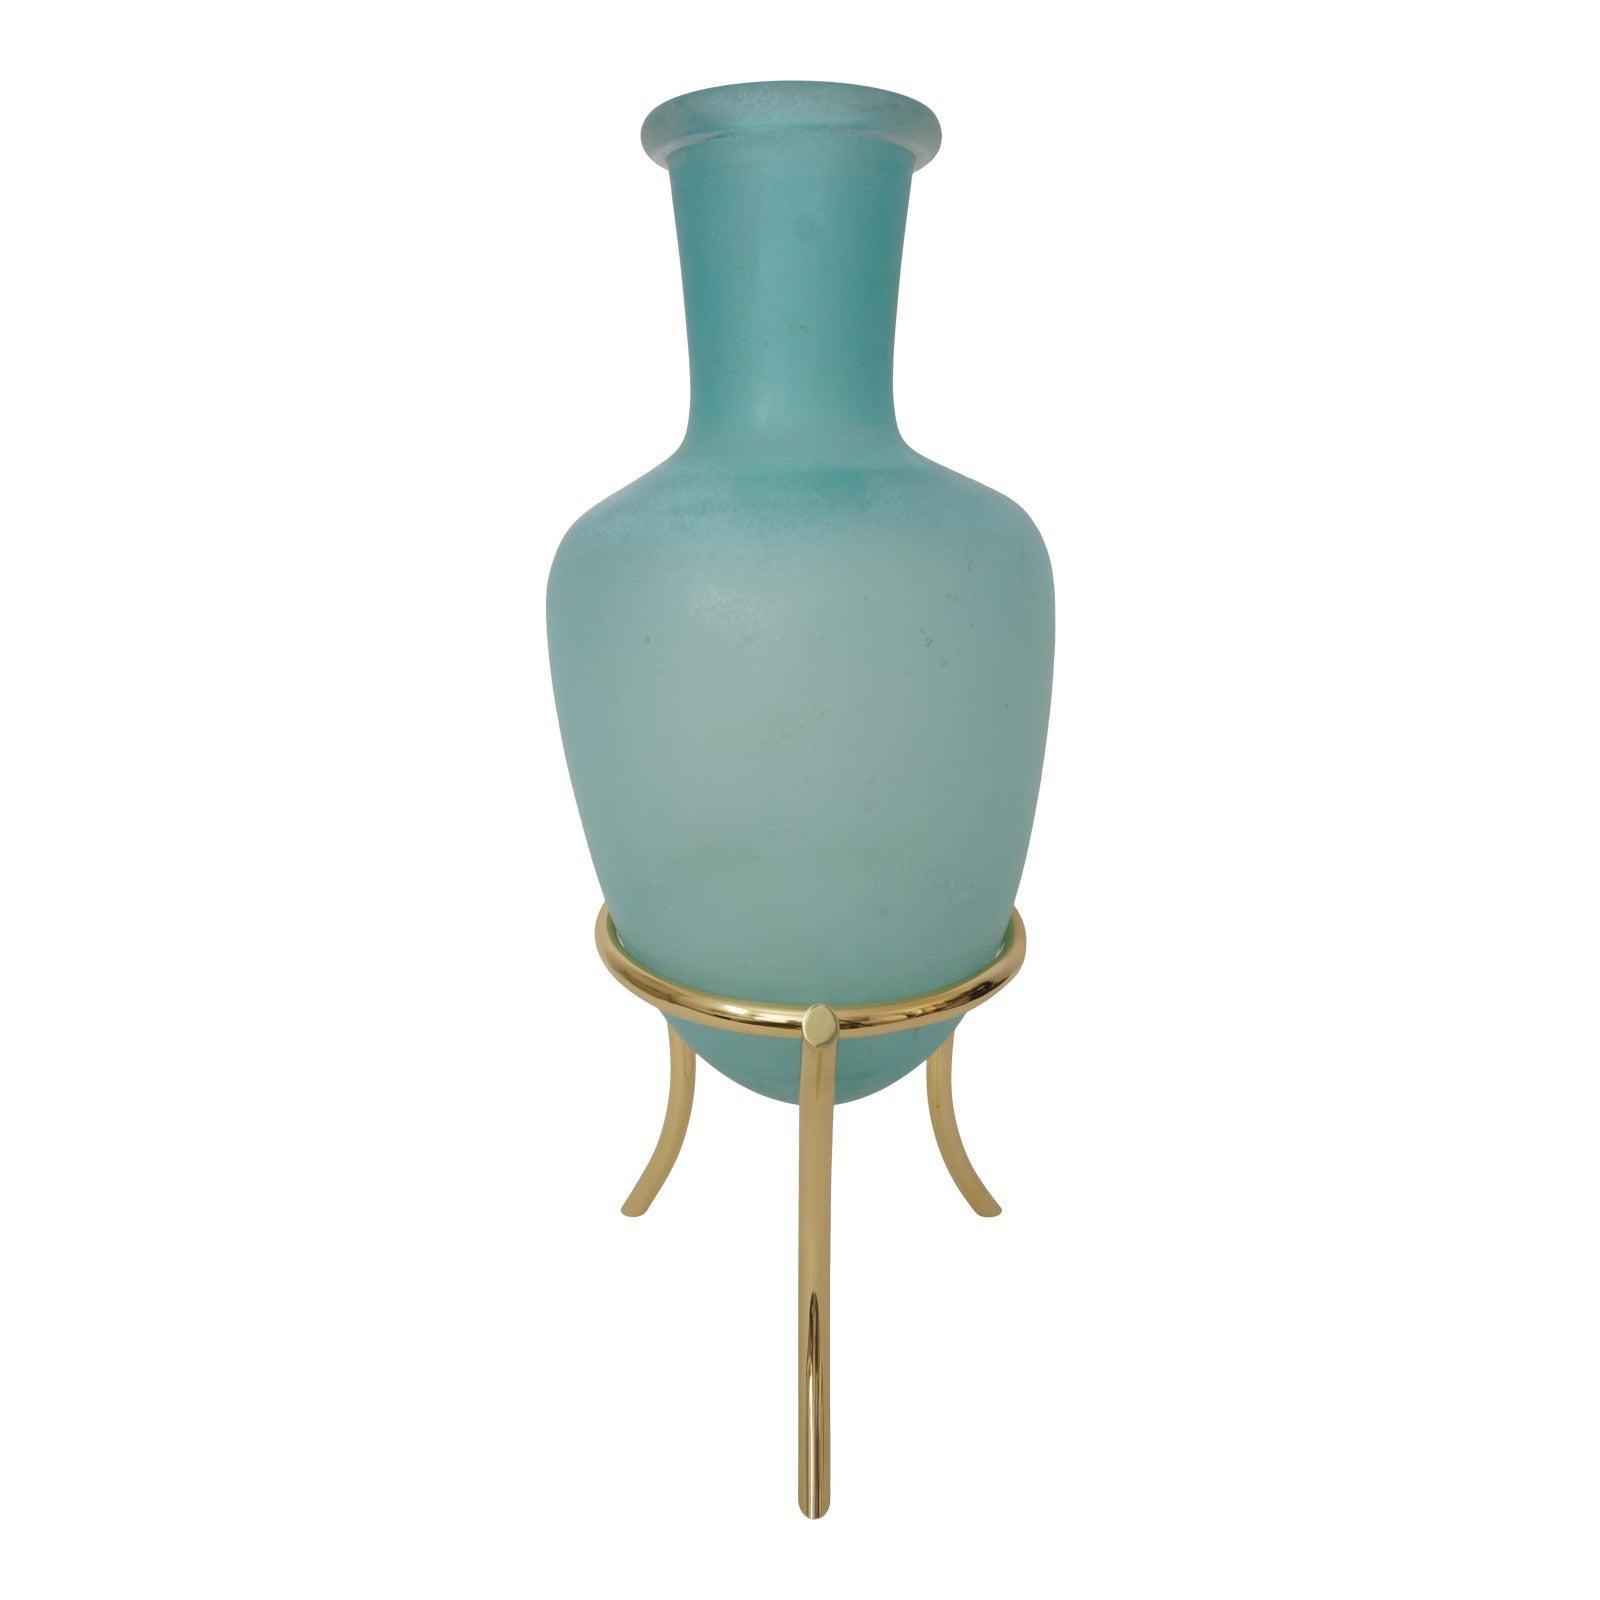 Scavo Corroso Murano Glass Amphora